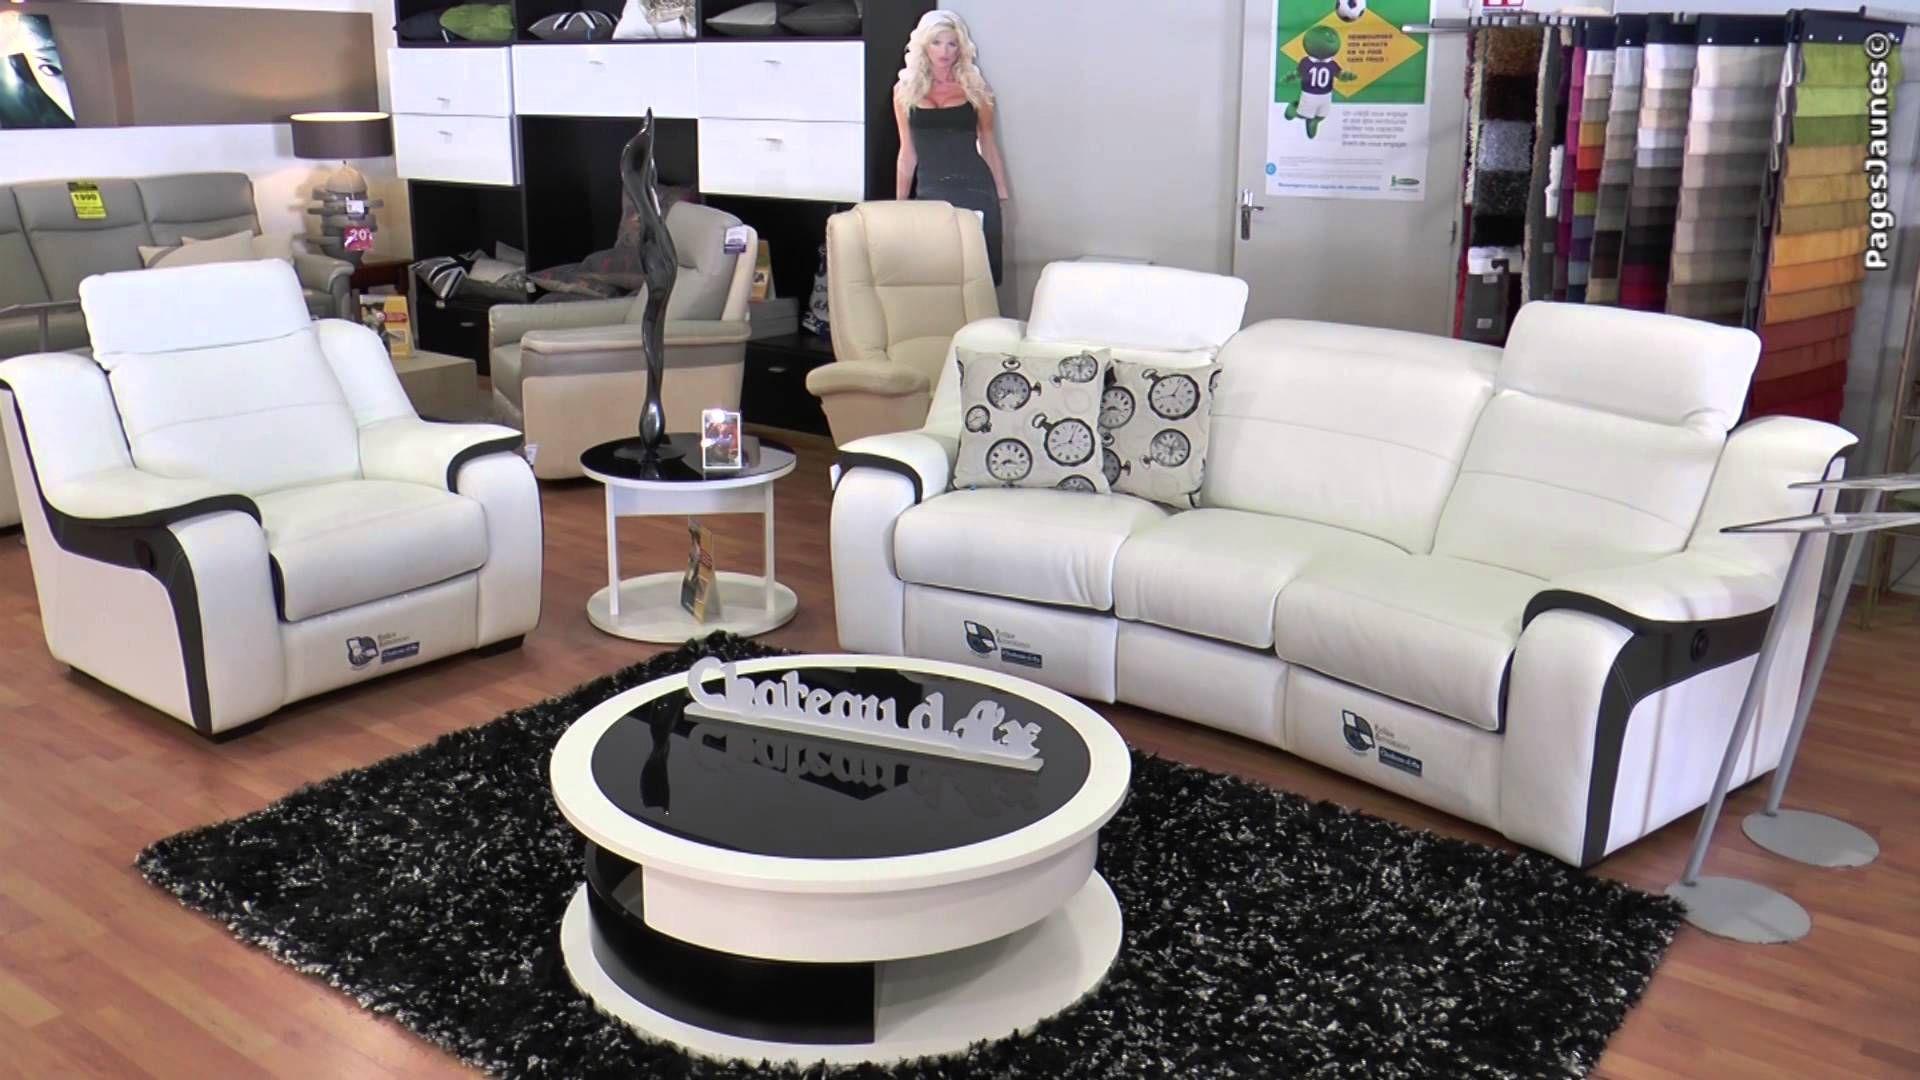 Expansion 2 Chateau D Ax Magasin De Meubles A Quetigny En Cote D Or D Furniture Couch Home Decor